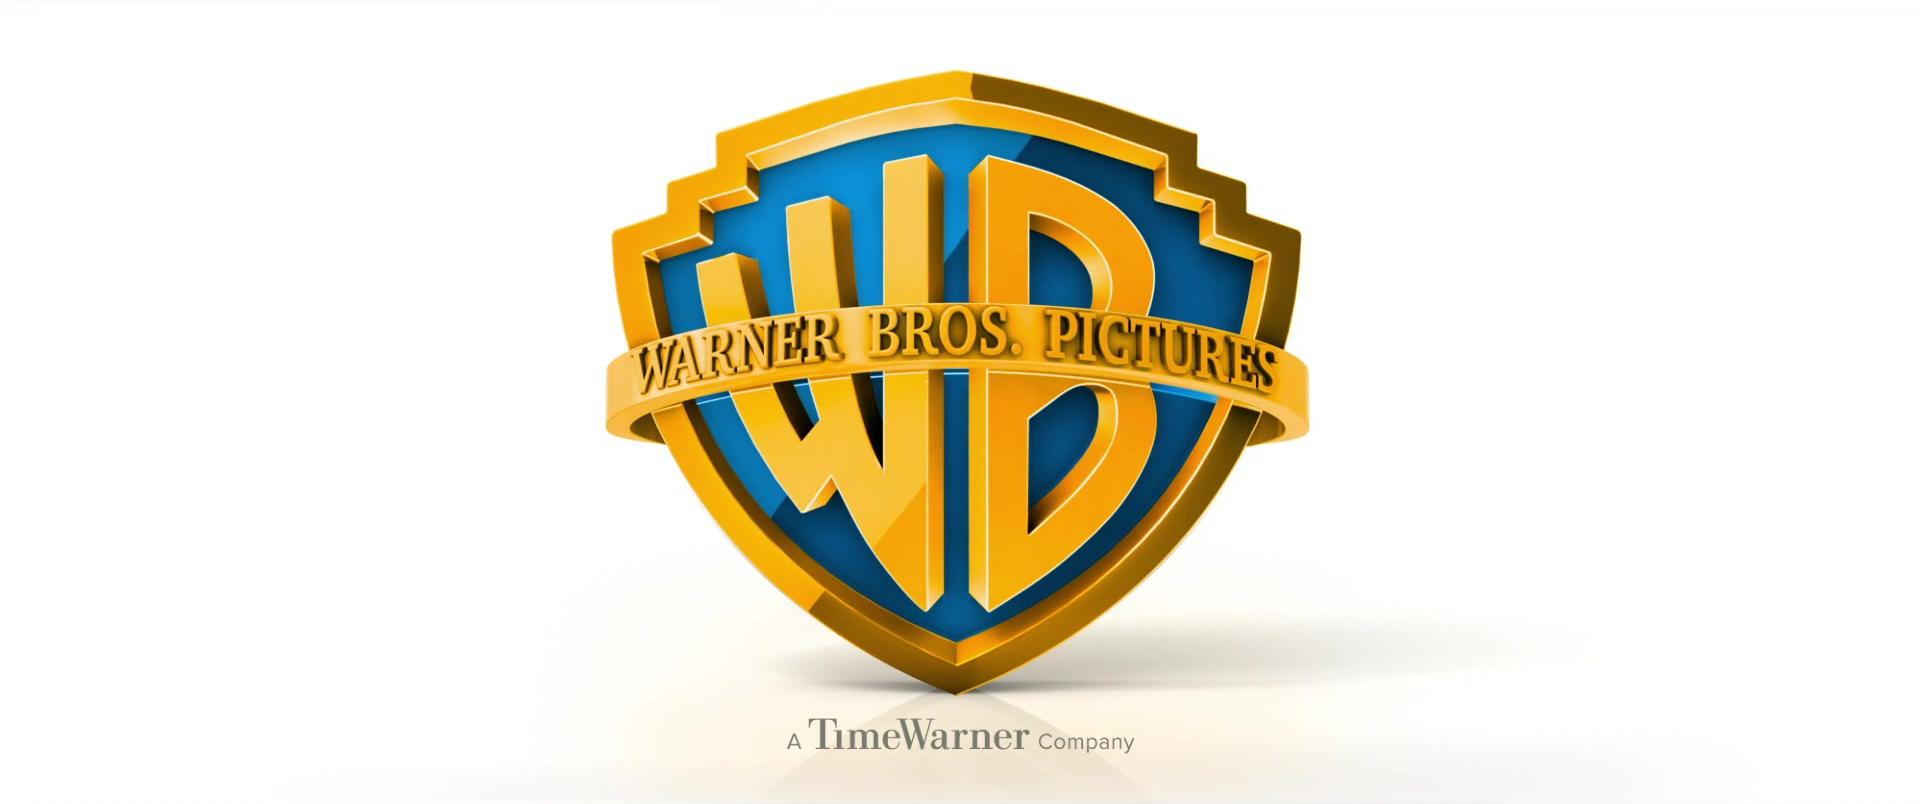 The Lego Harry Potter Movie Credits | Idea Wiki | FANDOM ... - photo#23